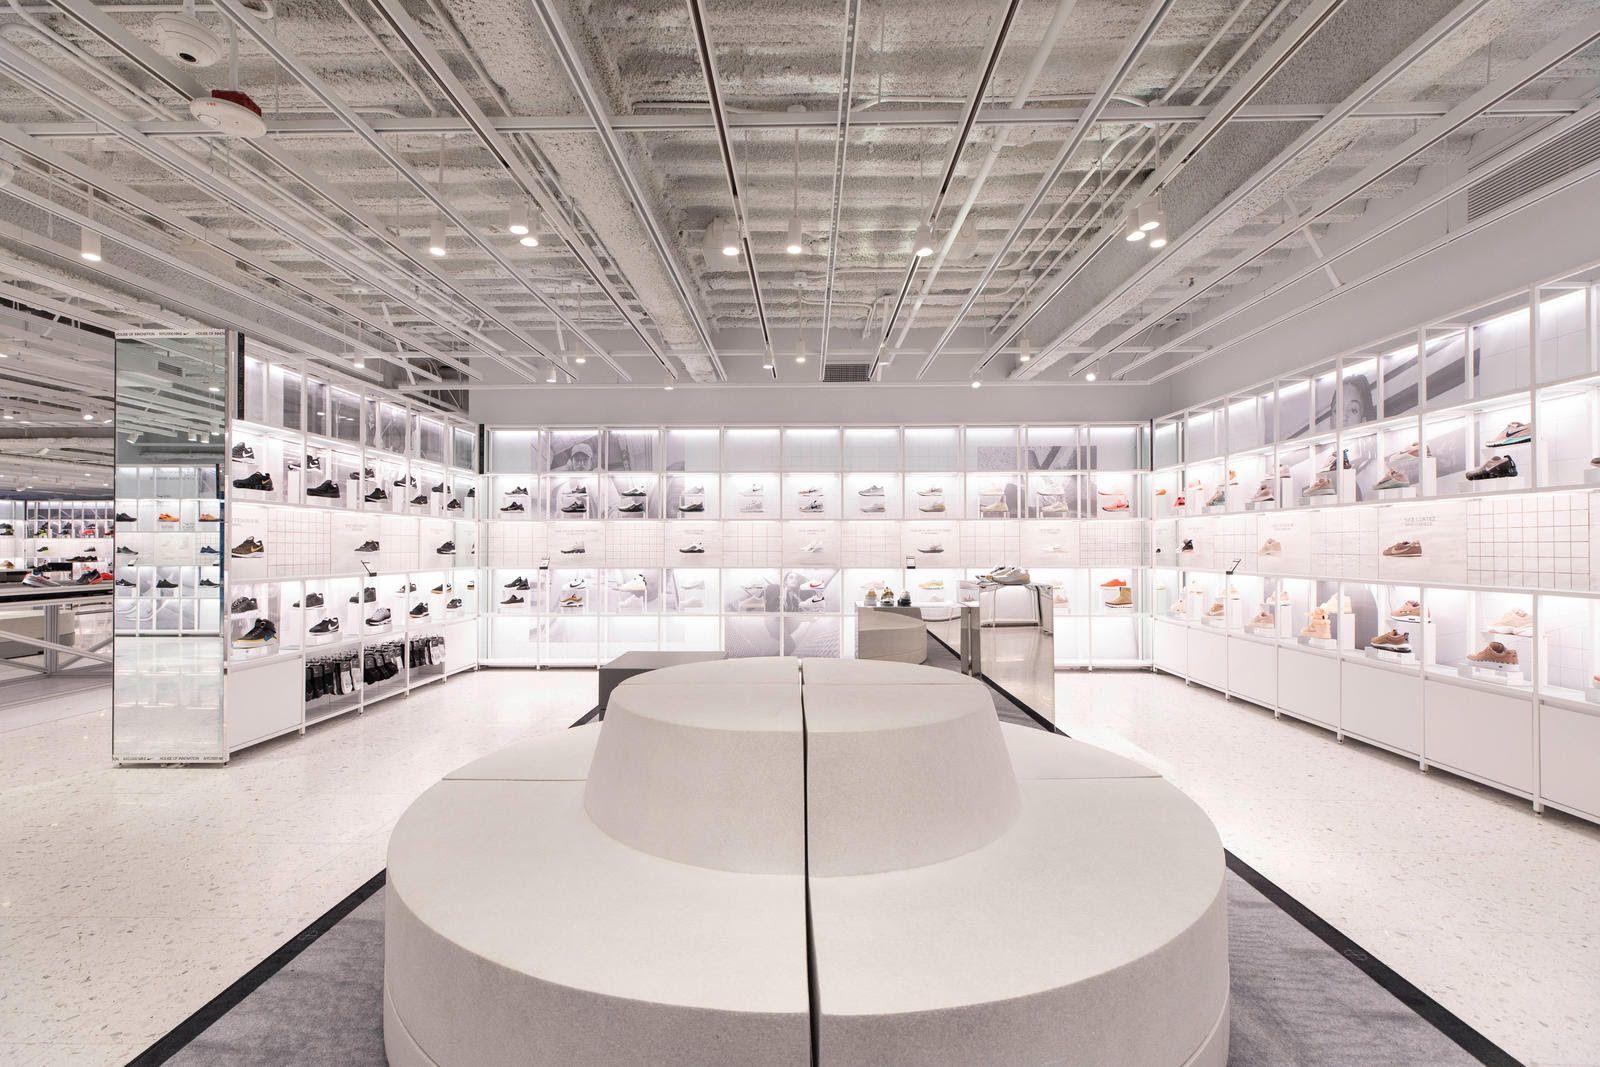 presentación Palacio soltero  House of Innovation Windows | Nike - Arch2O.com